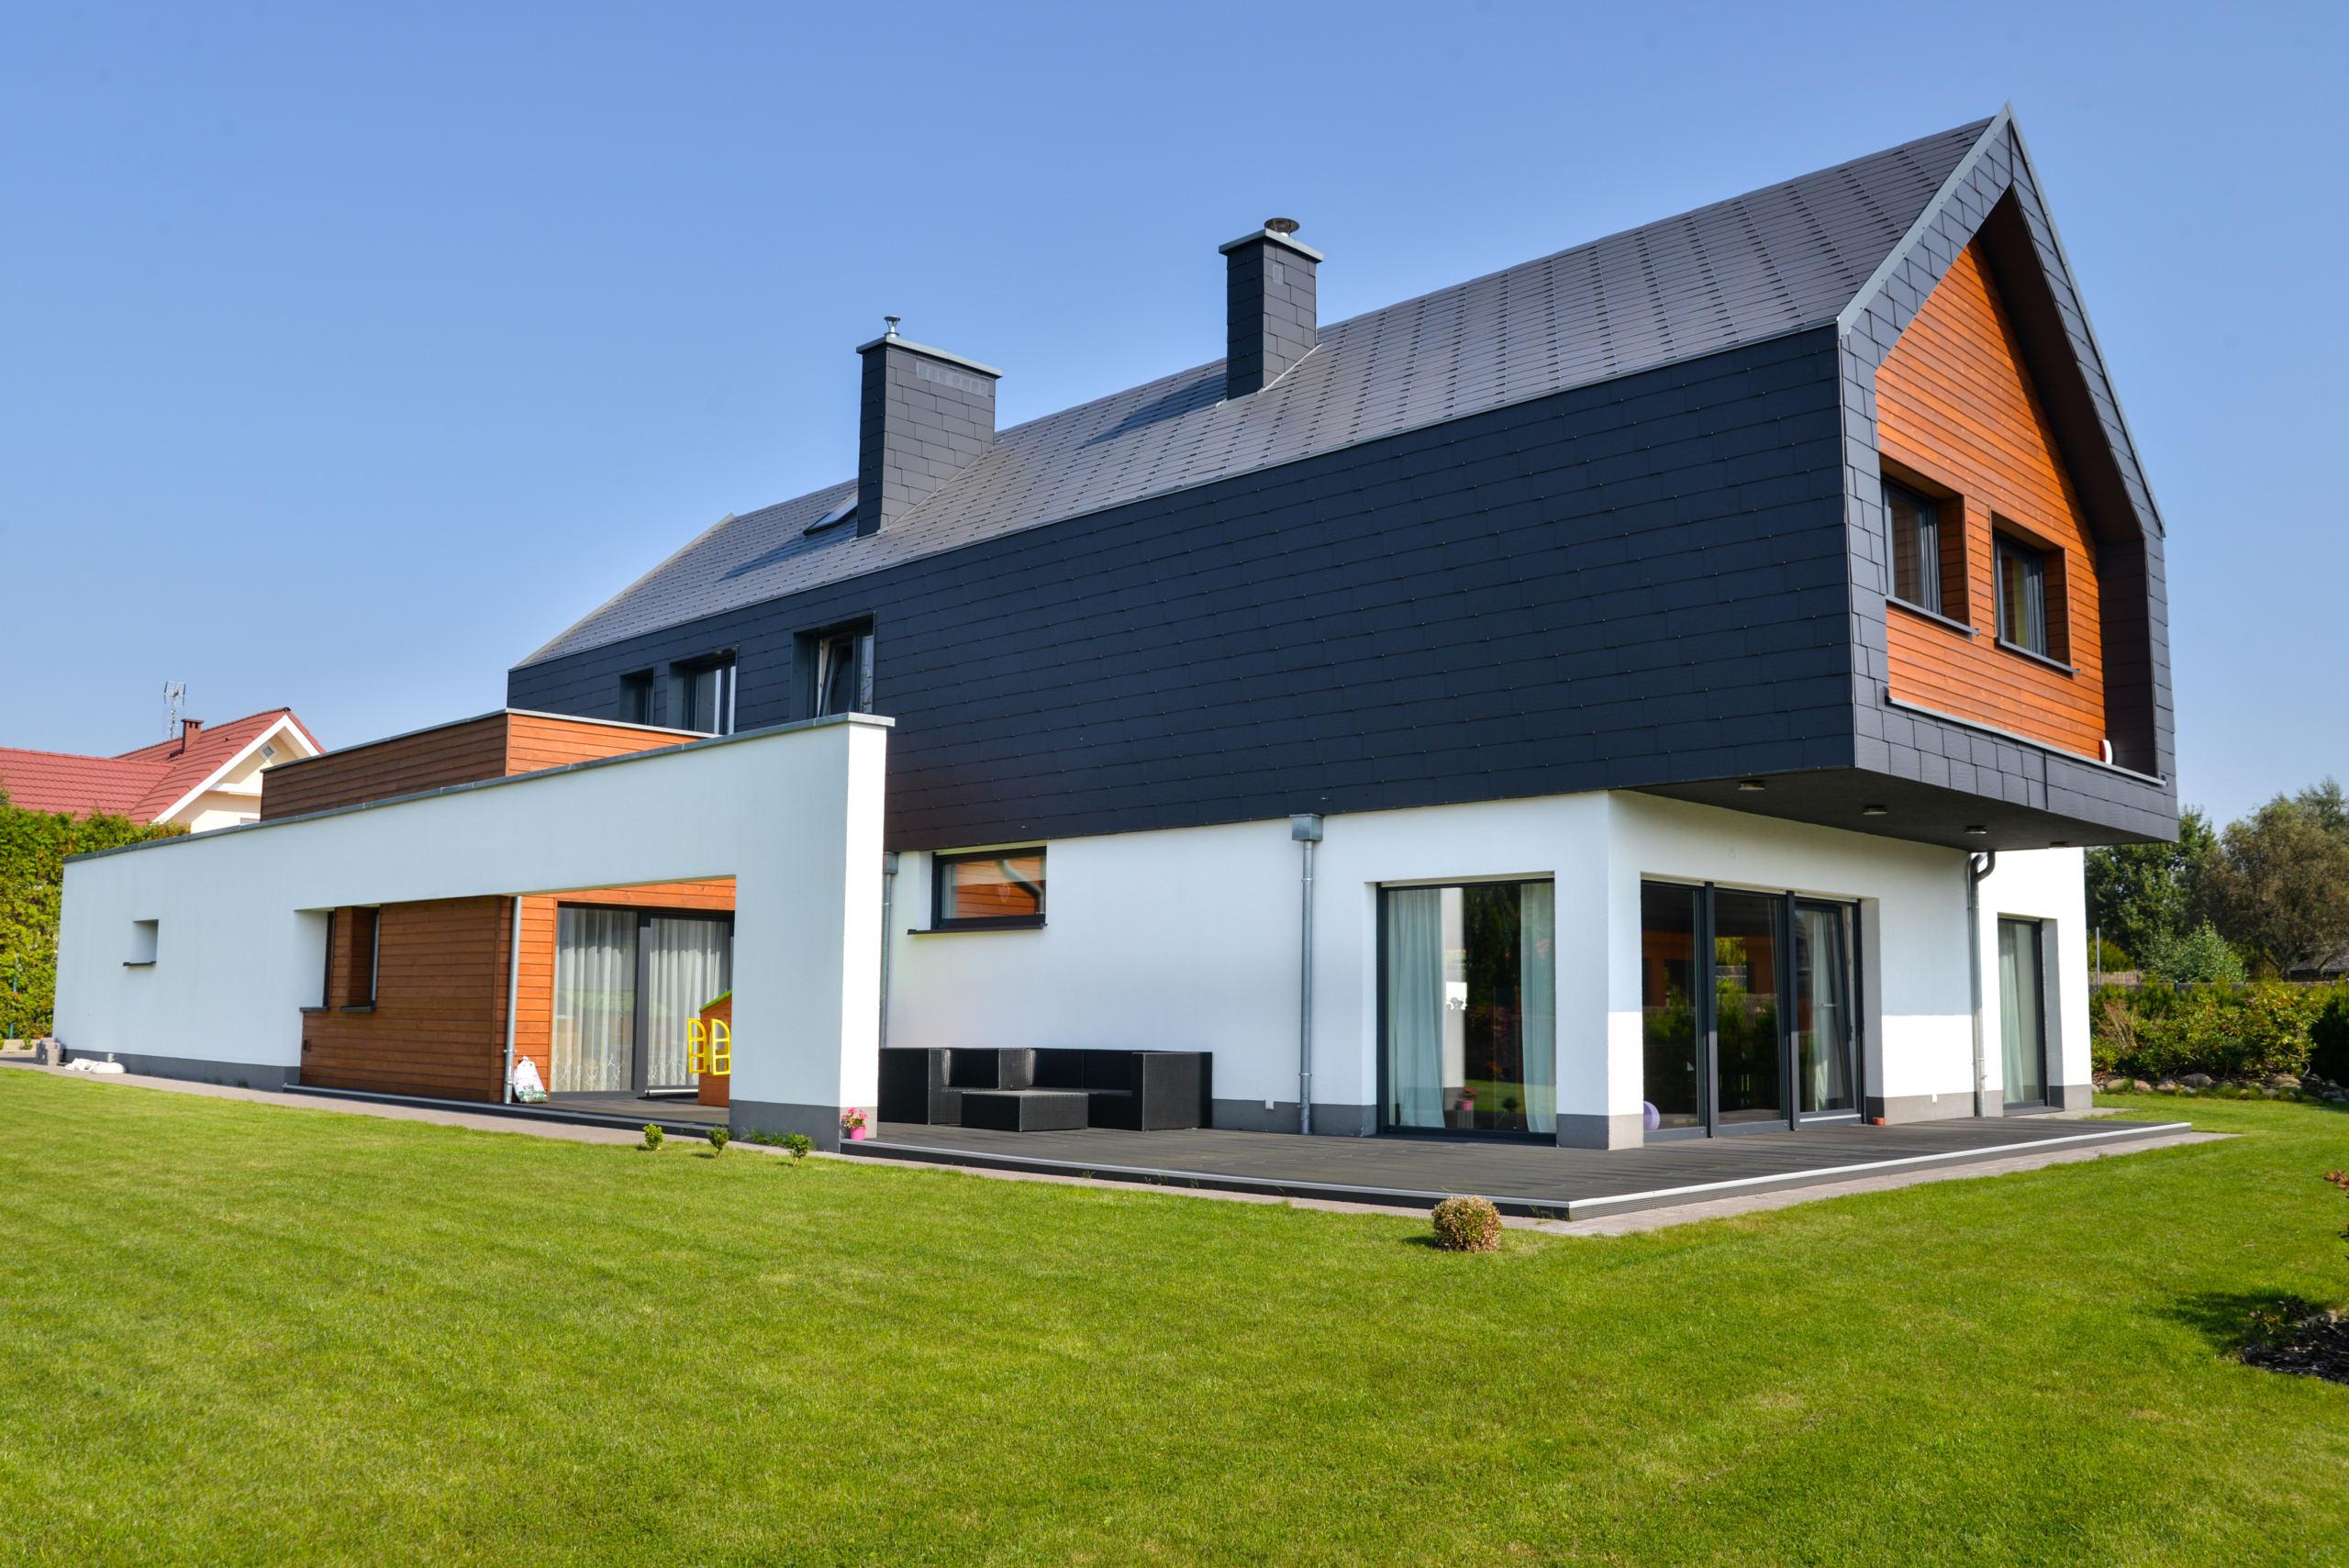 Alba – Budynek mieszkalny jednorodzinny